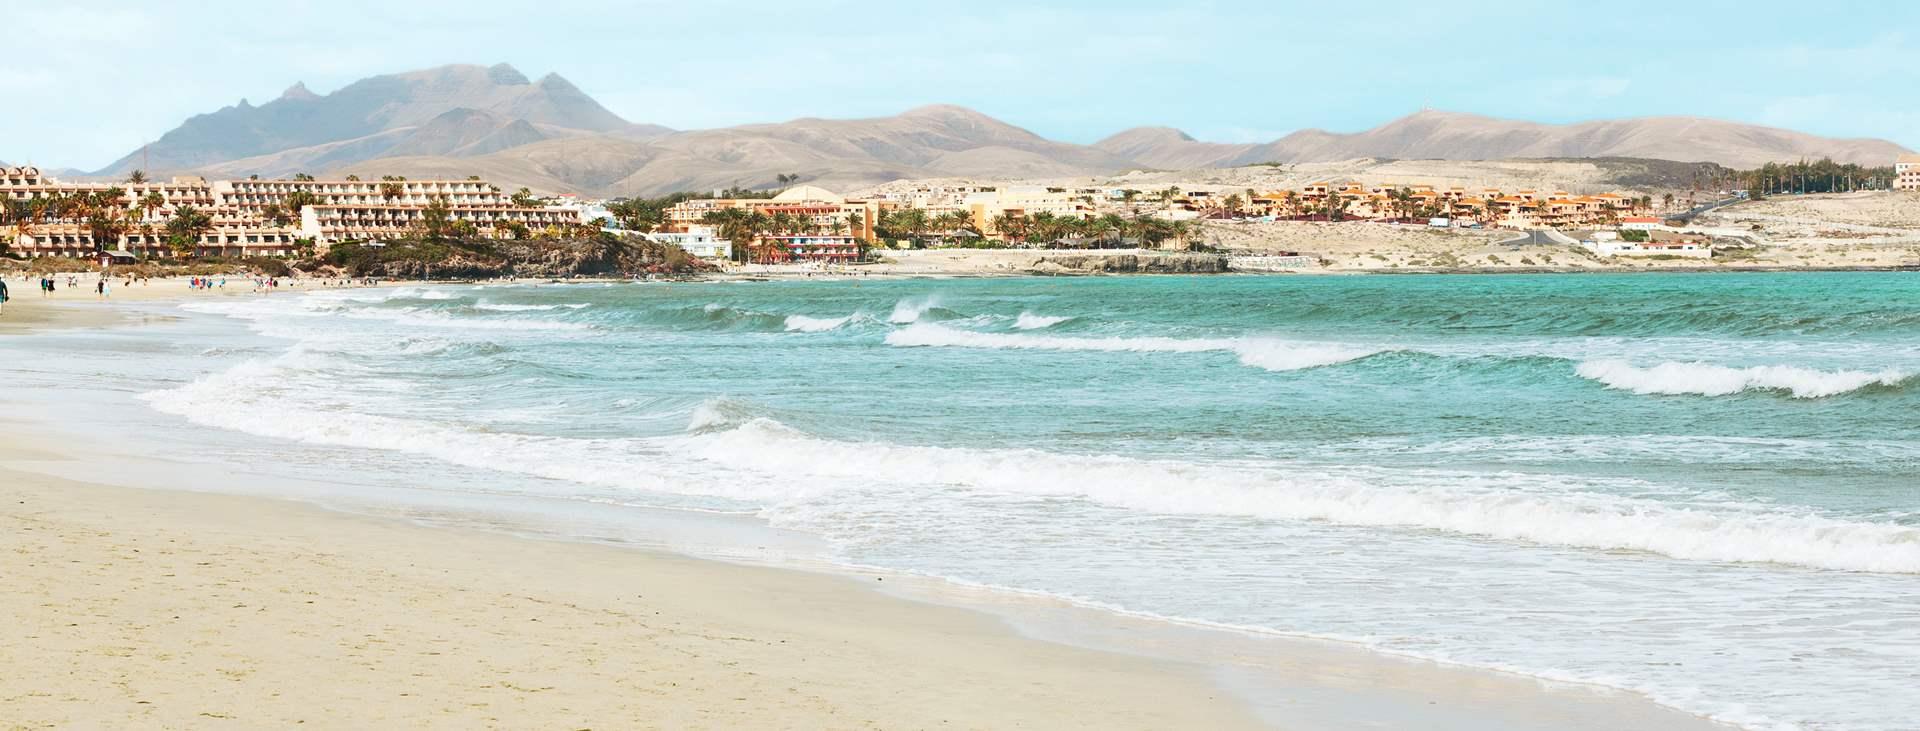 Bestill en reise med All Inclusive til Costa Calma på Fuerteventura